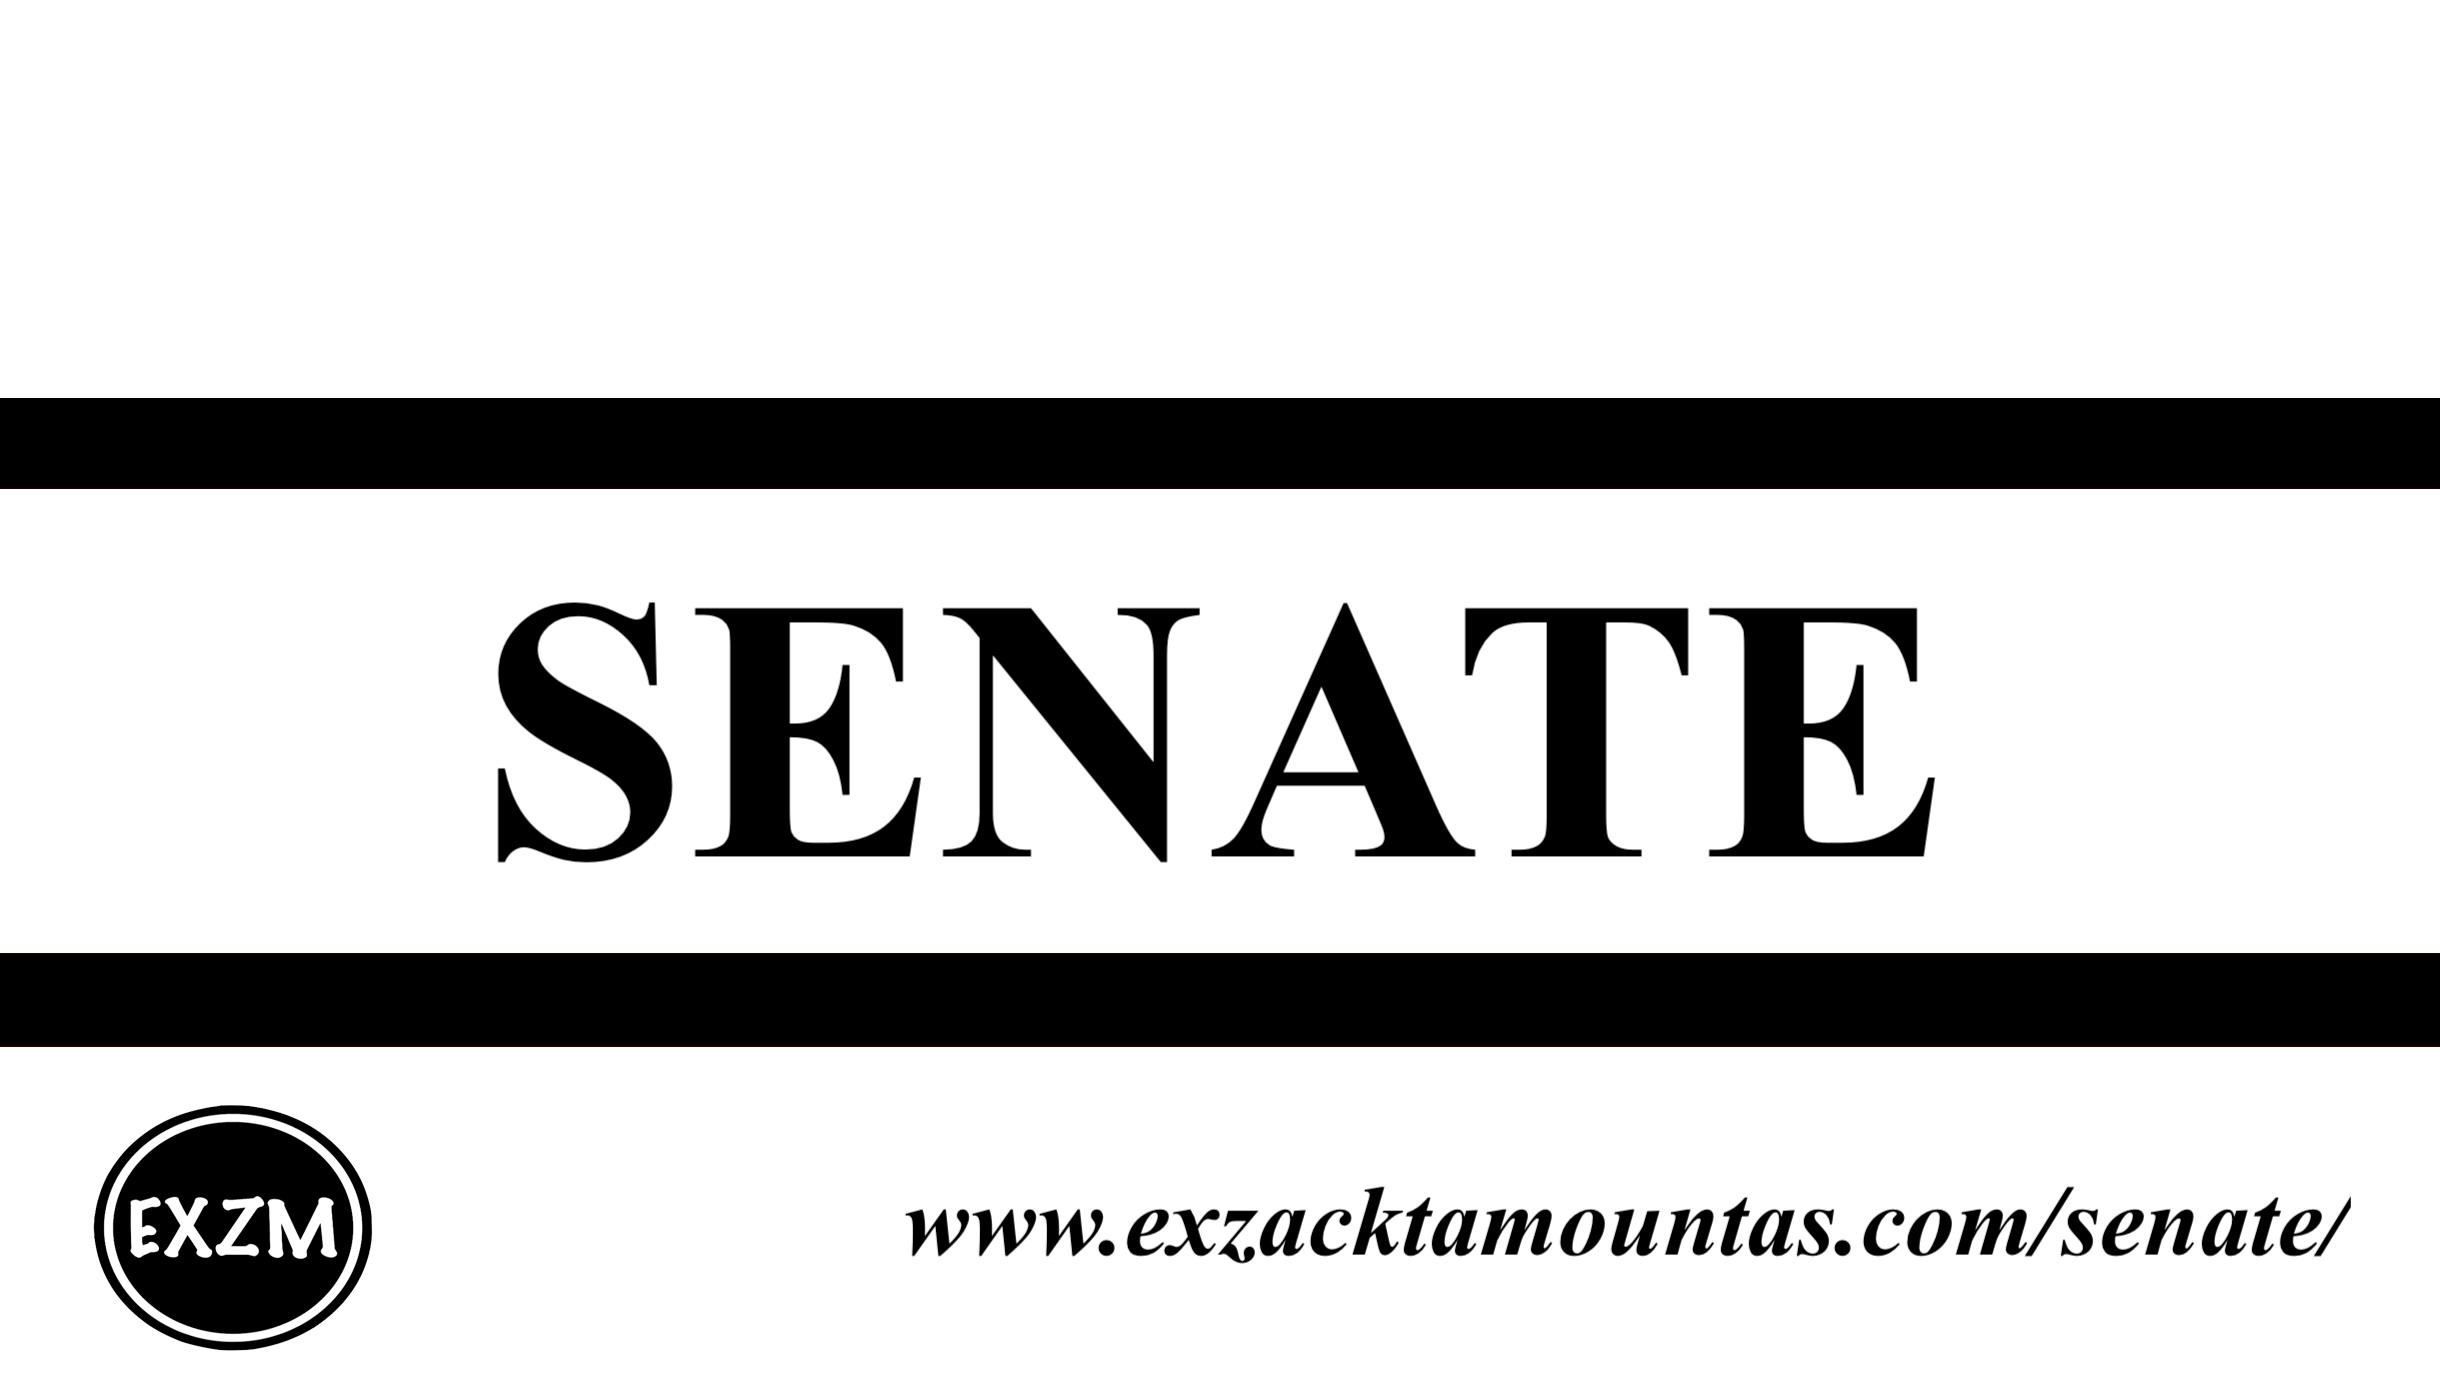 Senate EXZM 10 2 2019